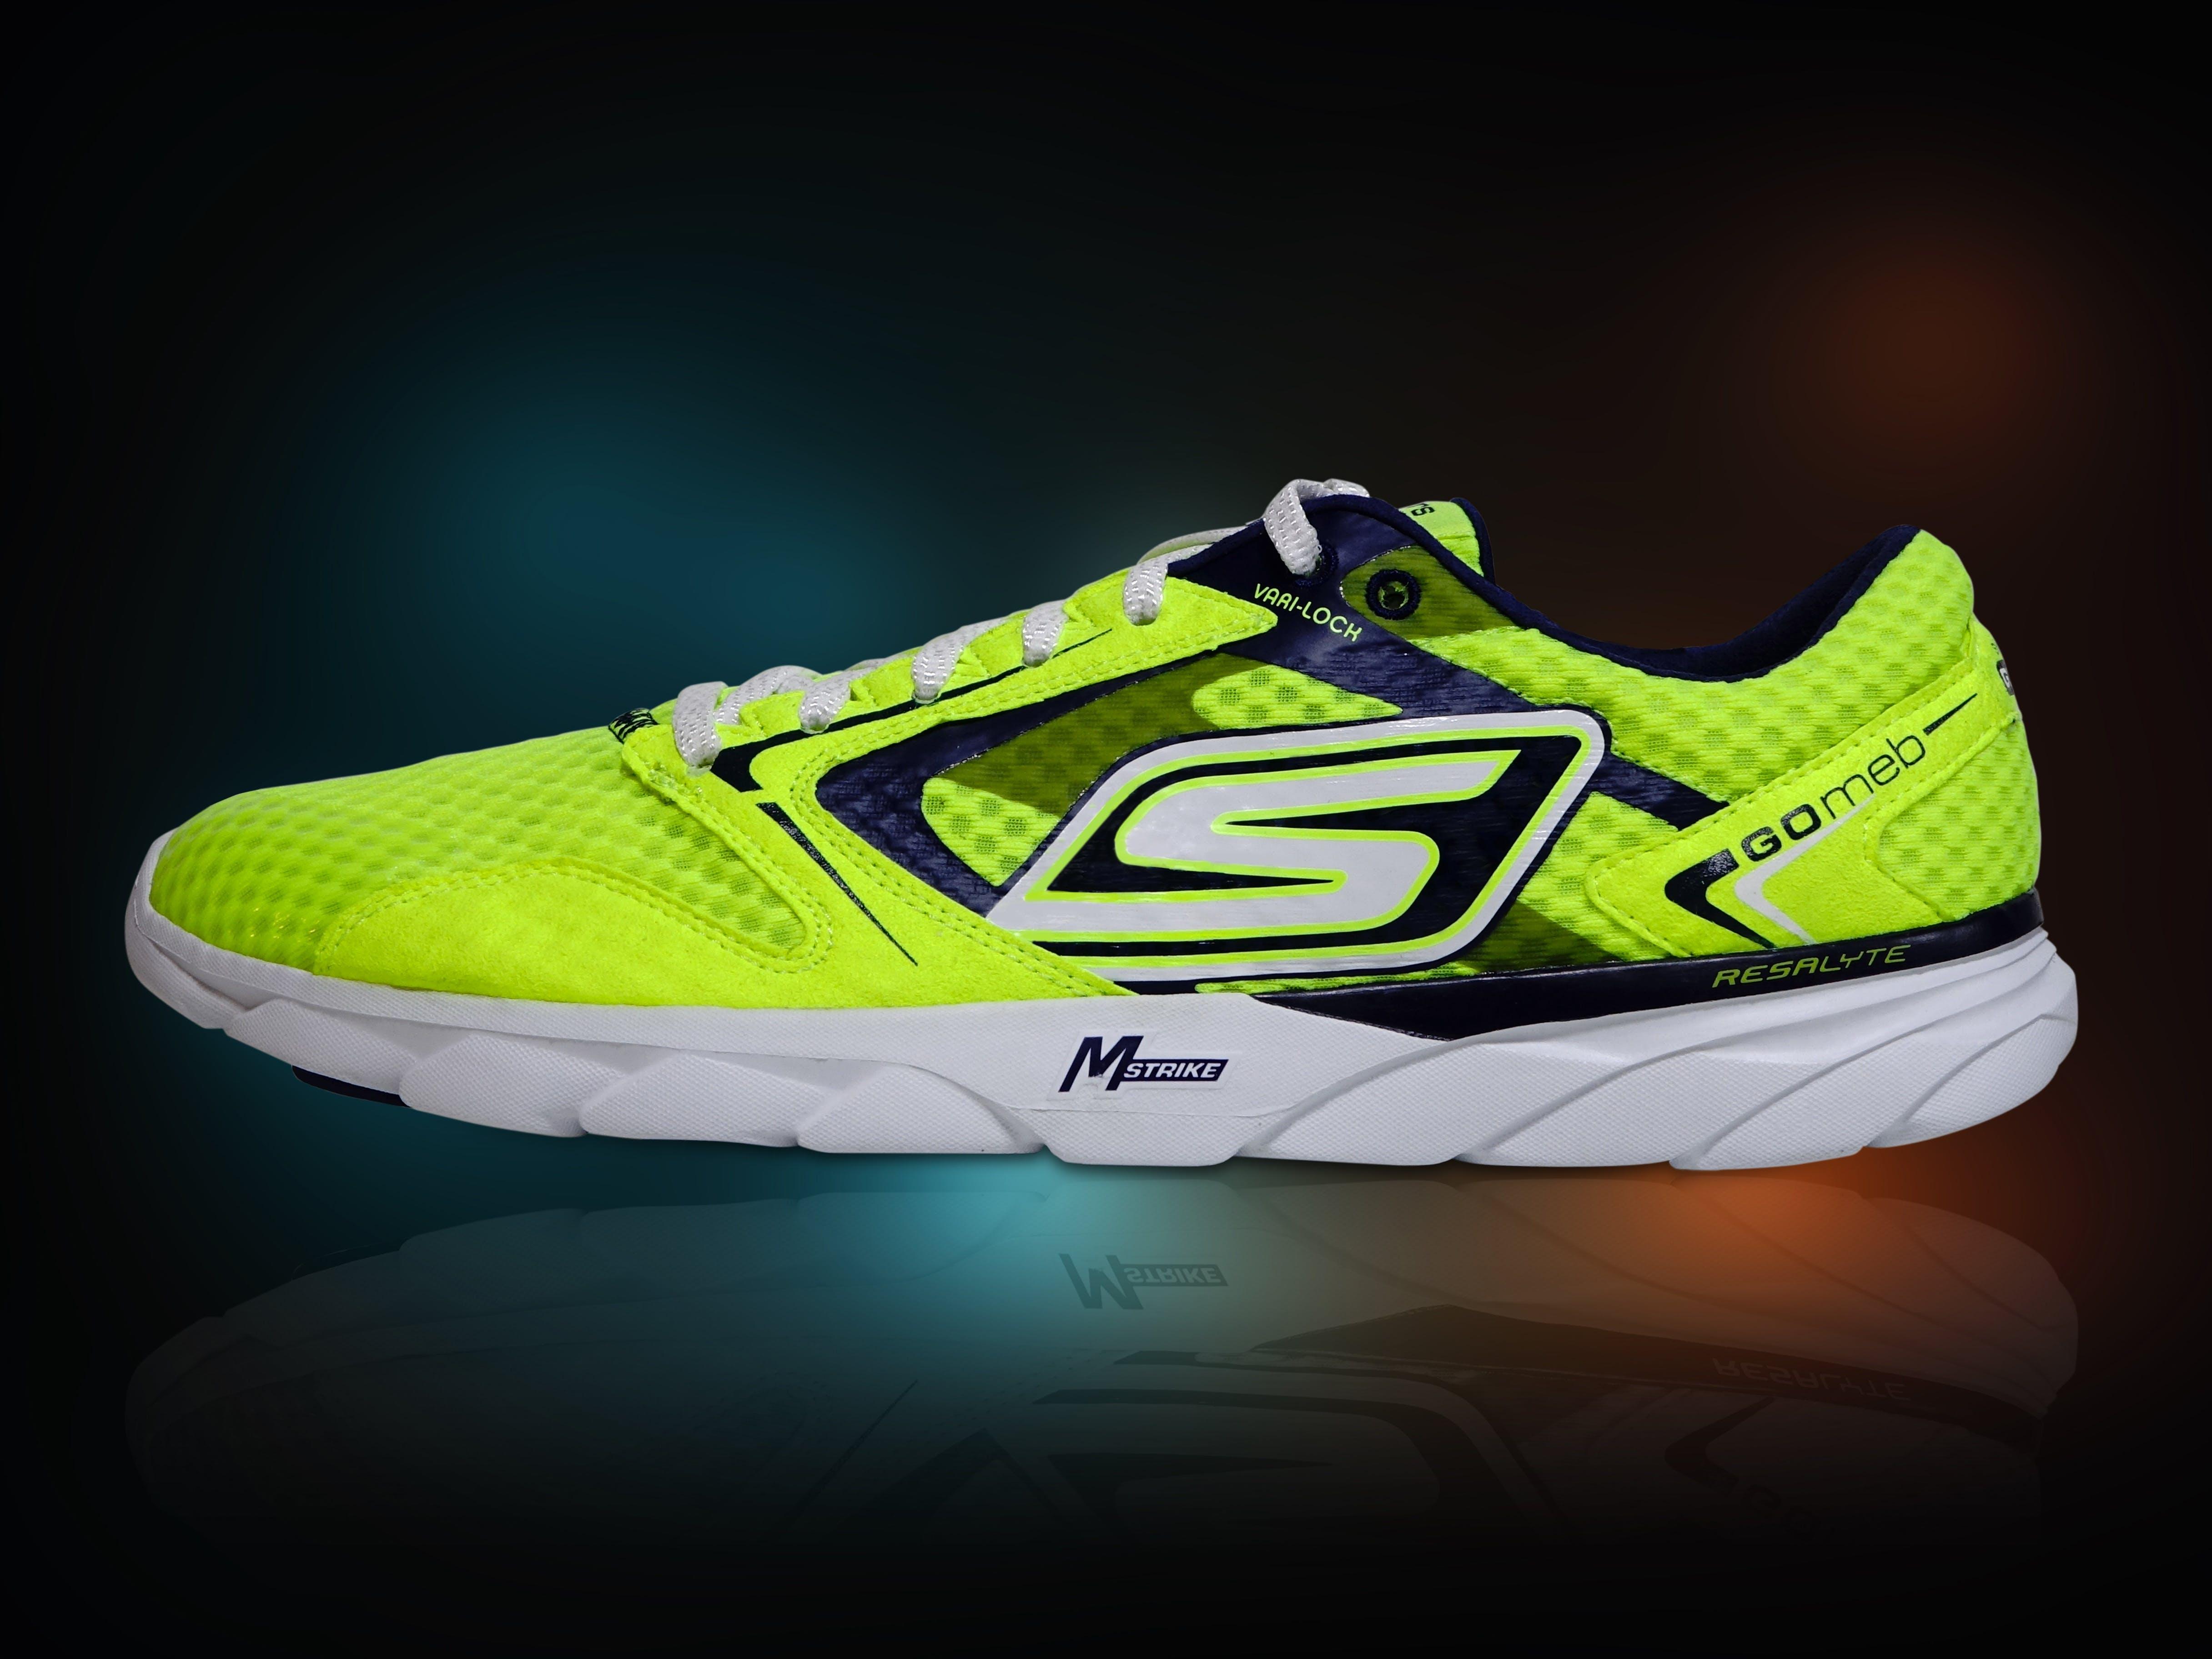 Fotos de stock gratuitas de brillante, luminoso, skechers, Zapatillas para correr